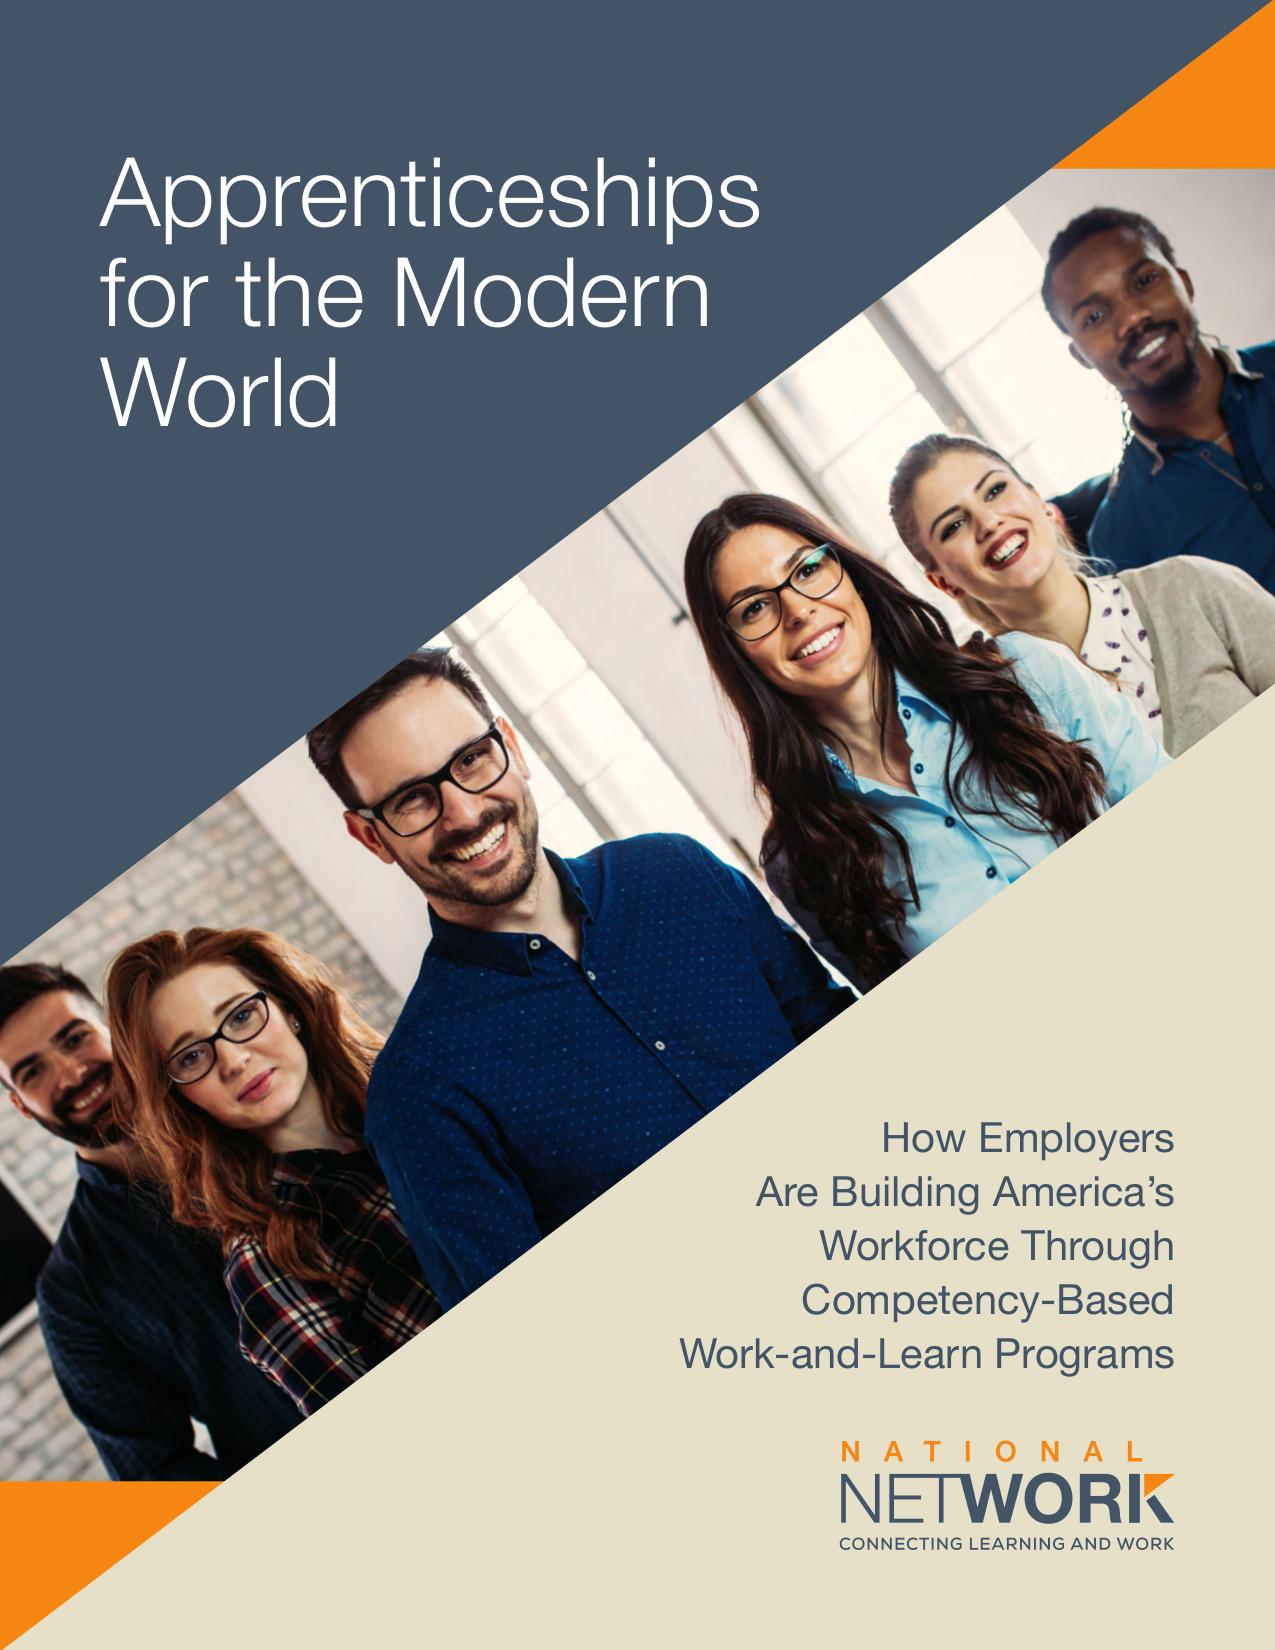 Apprenticeships for the Modern World